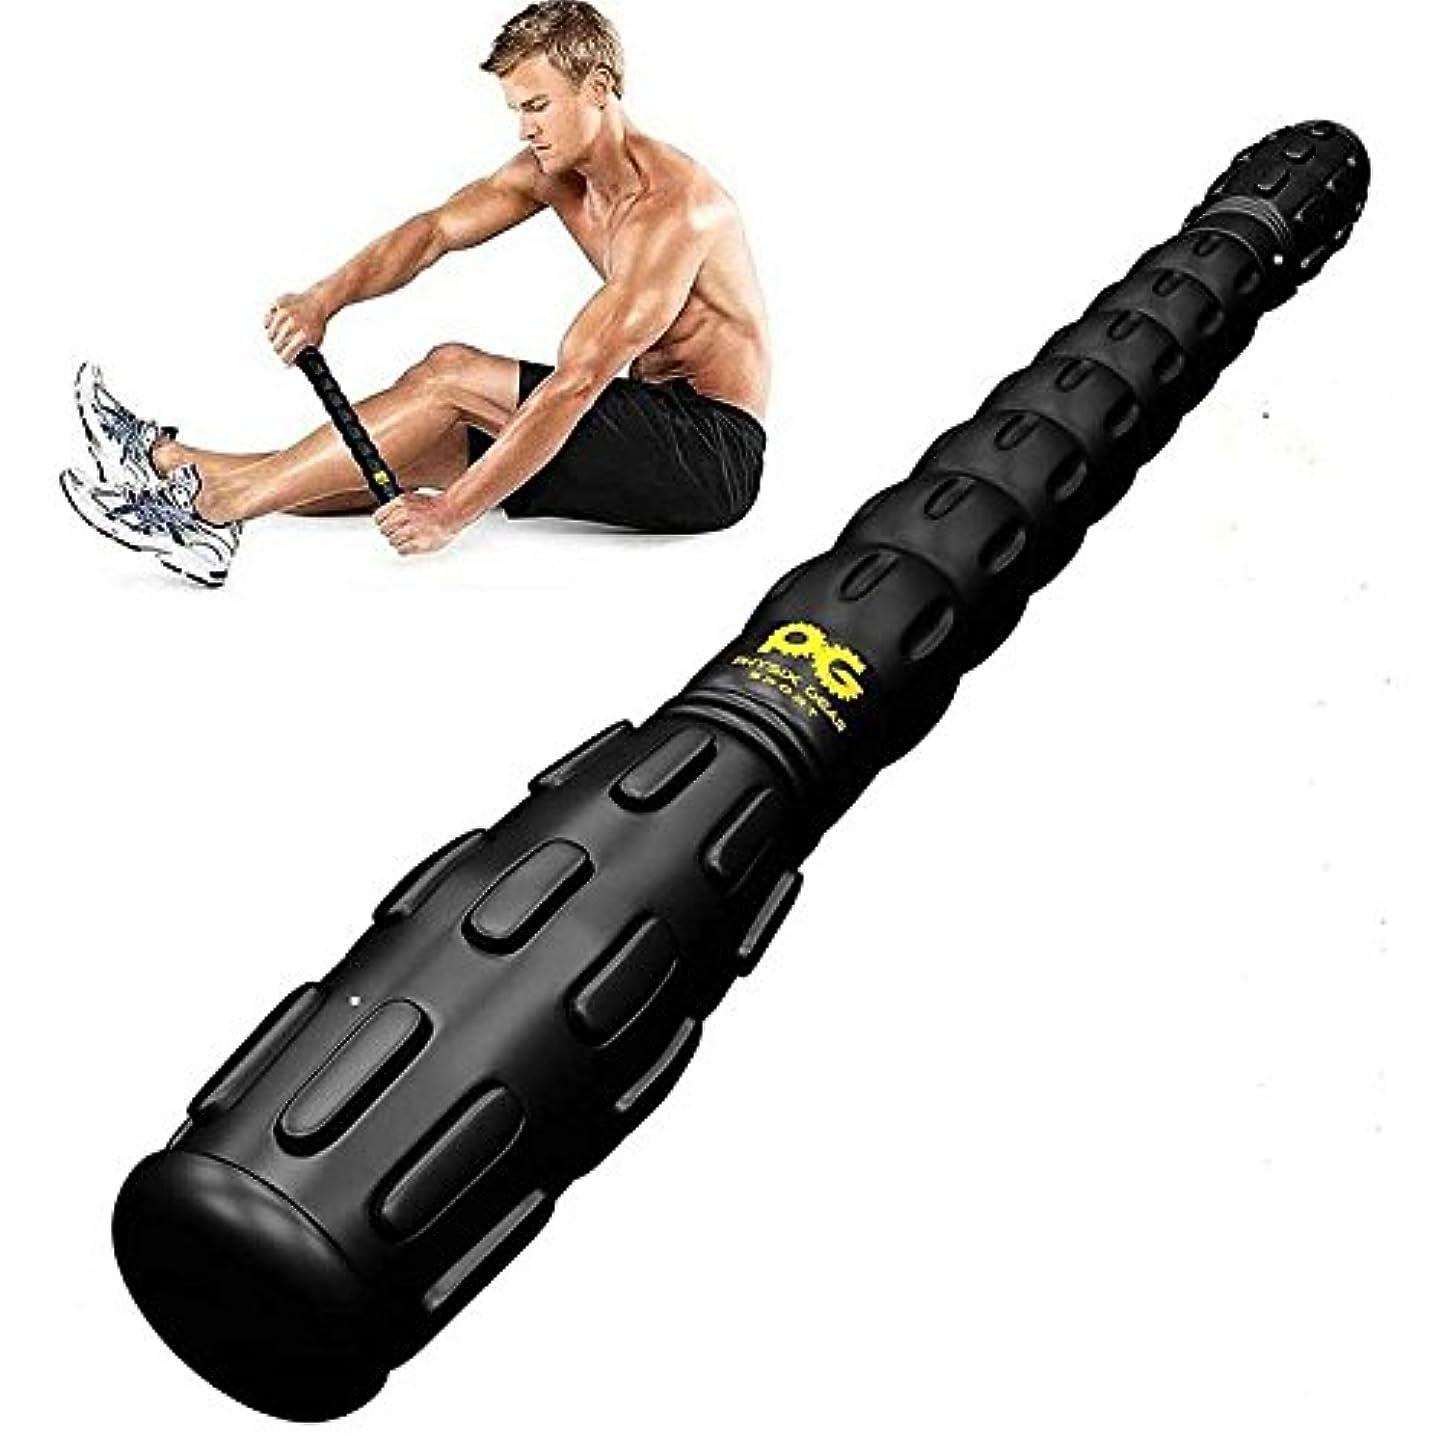 チーフ遠近法回路Liebeye ポータブル 筋肉マッサージスティック マニュアルローラー マッサージャー痛みの筋肉を解放する 脚の回復 ブラック